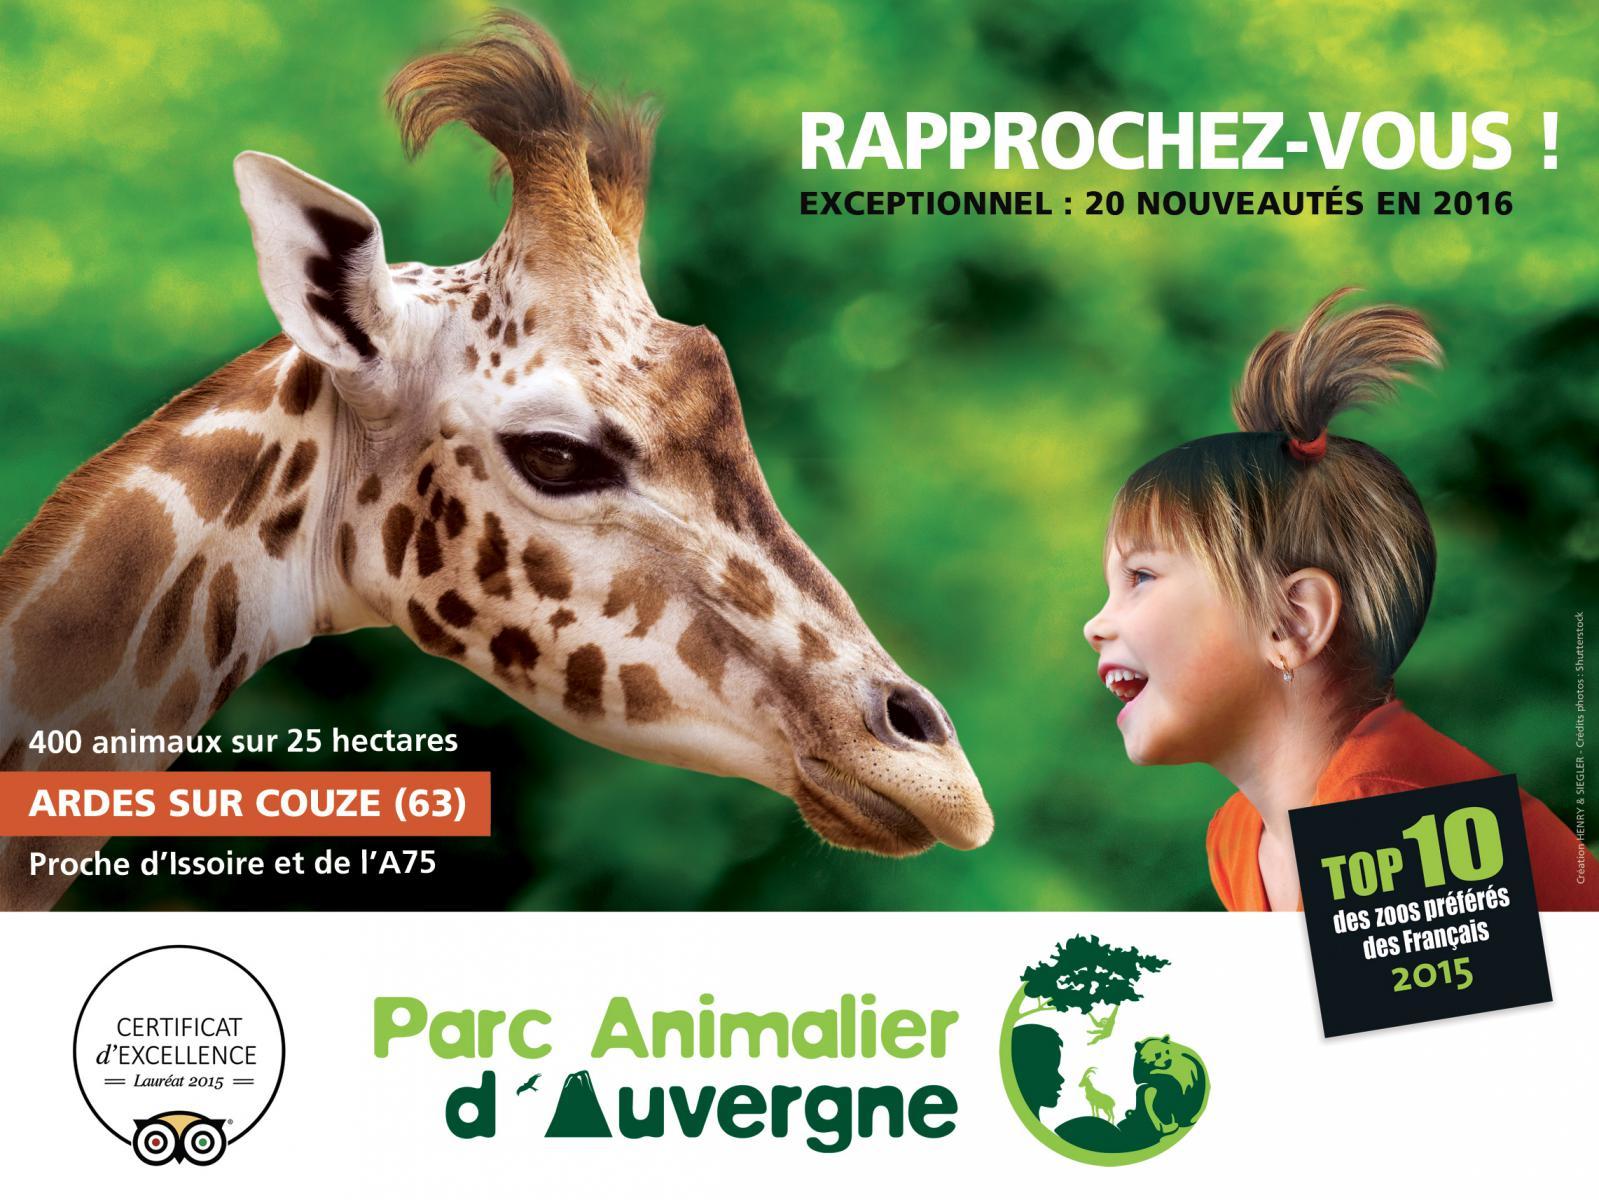 Pzrc animalier d'Auvergne